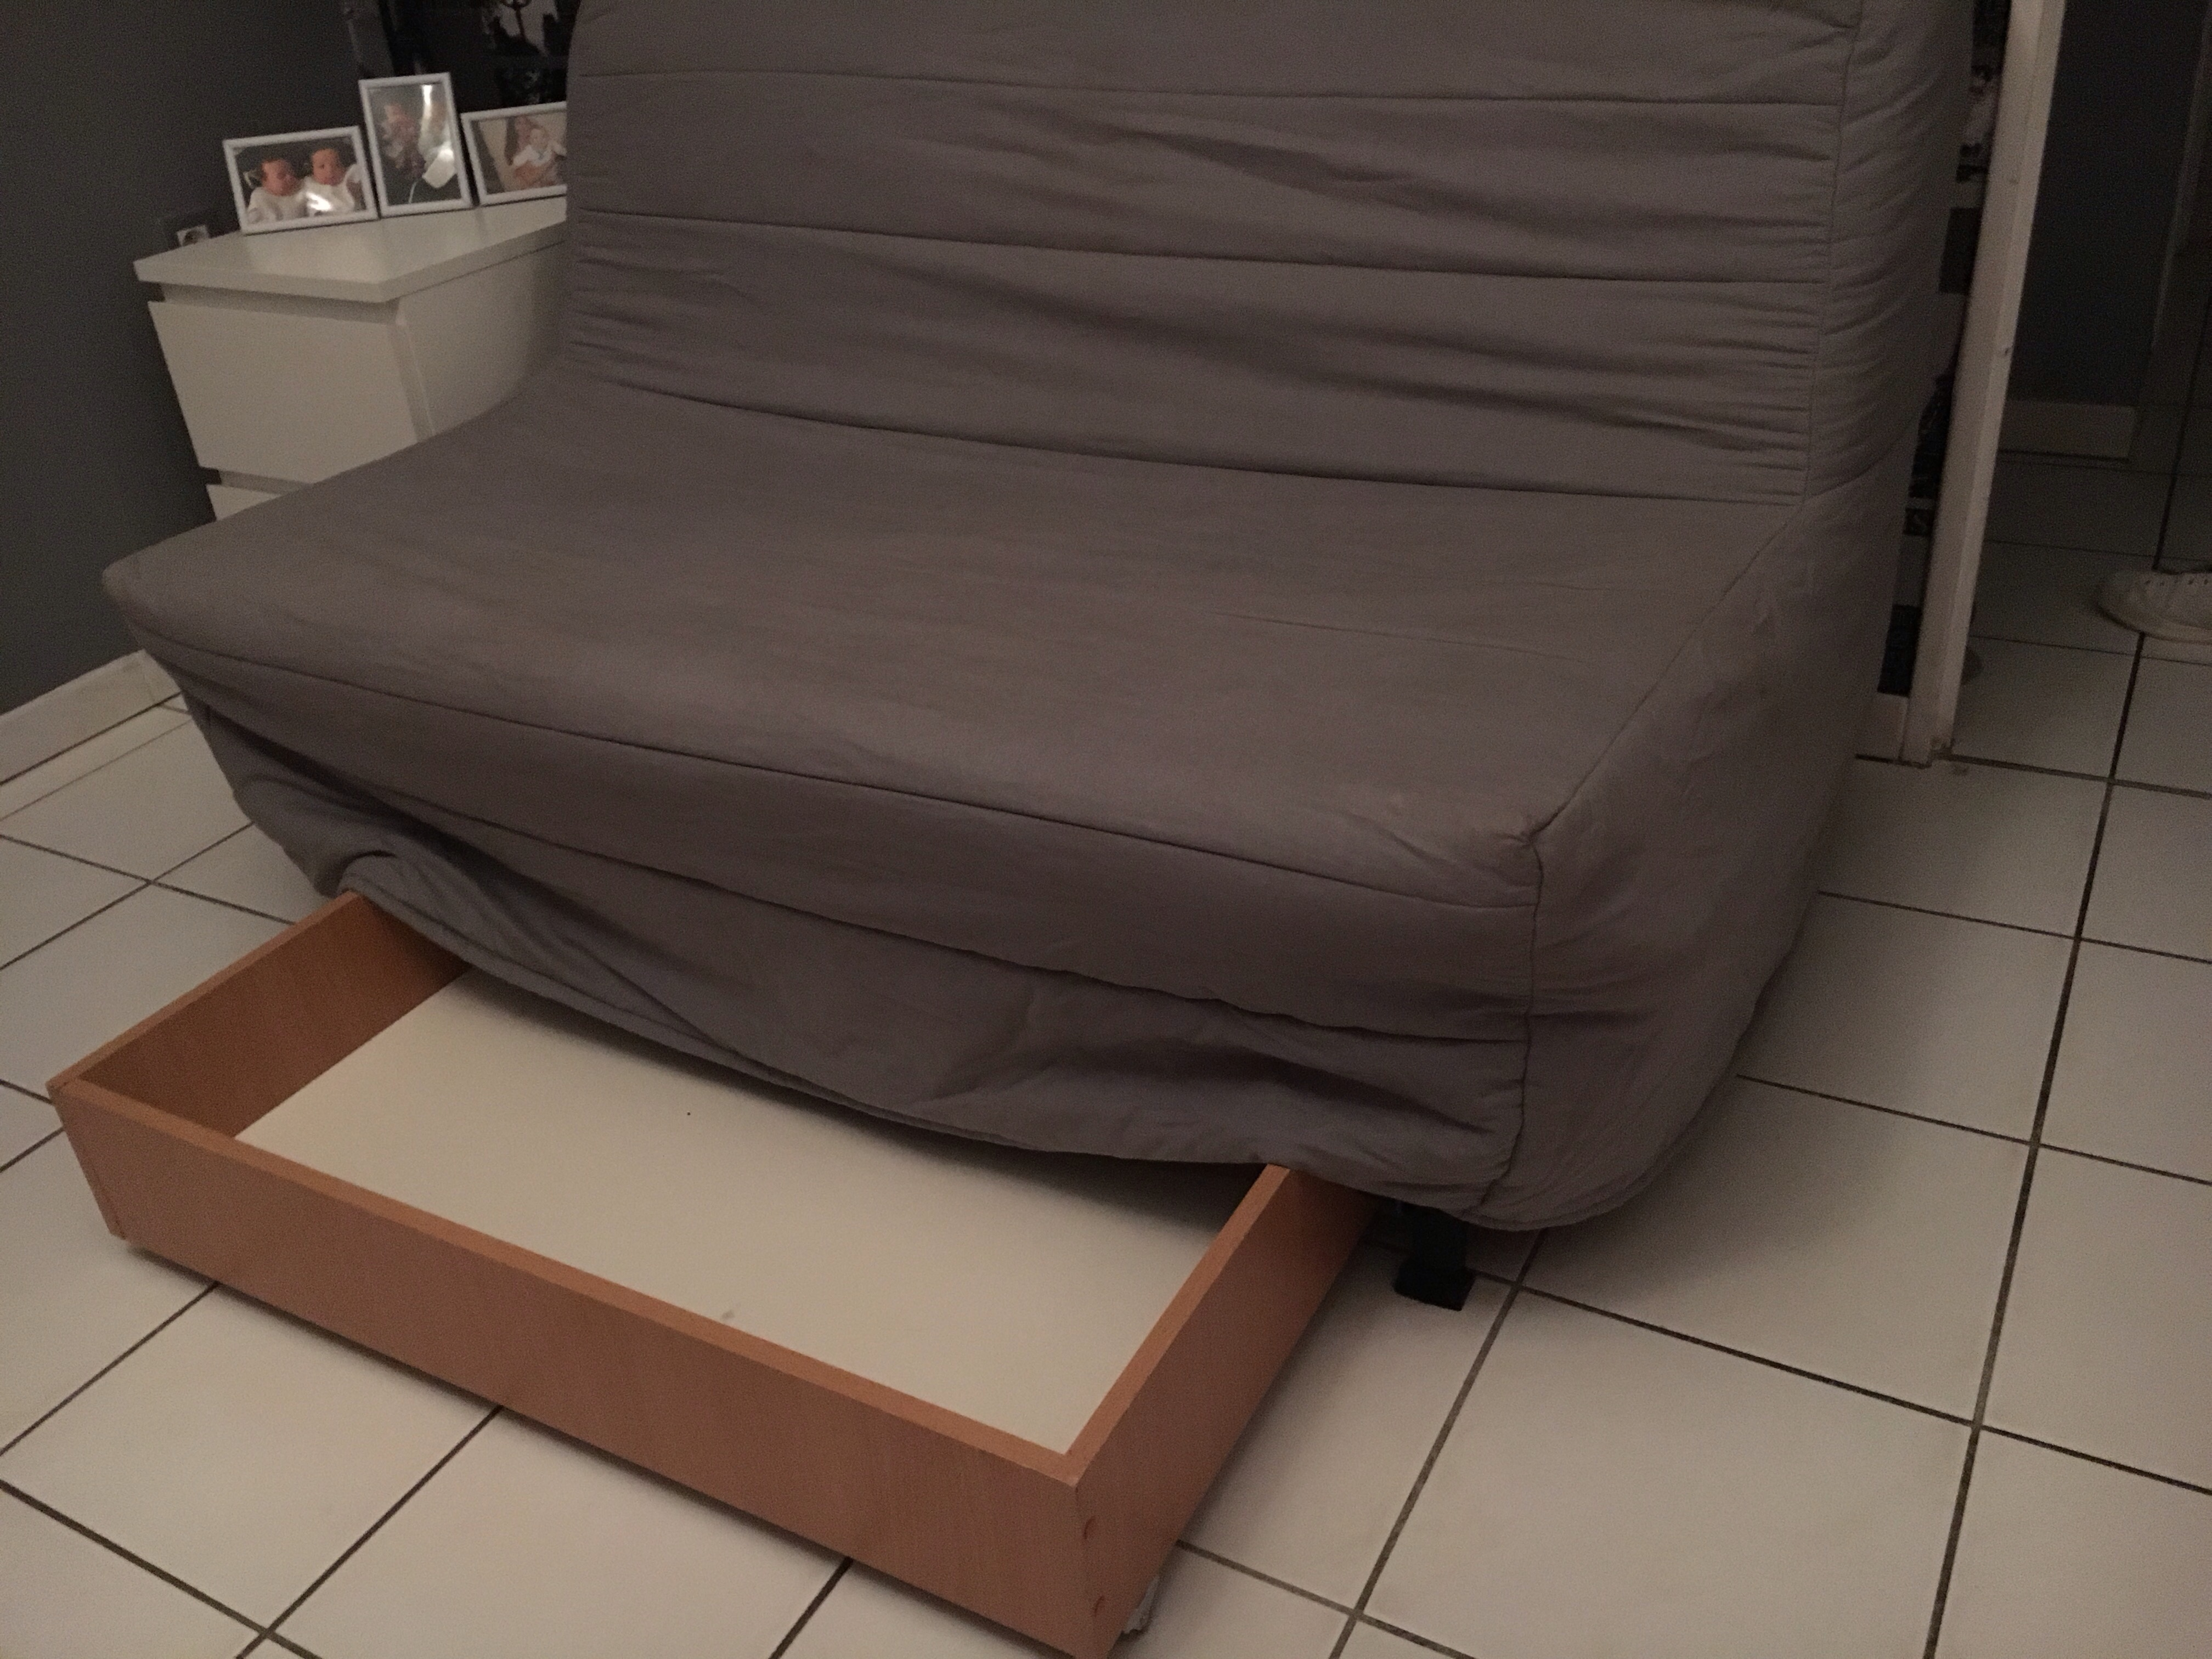 222588cb38db56 Lits occasion à Marseille (13), annonces achat et vente de lits ...